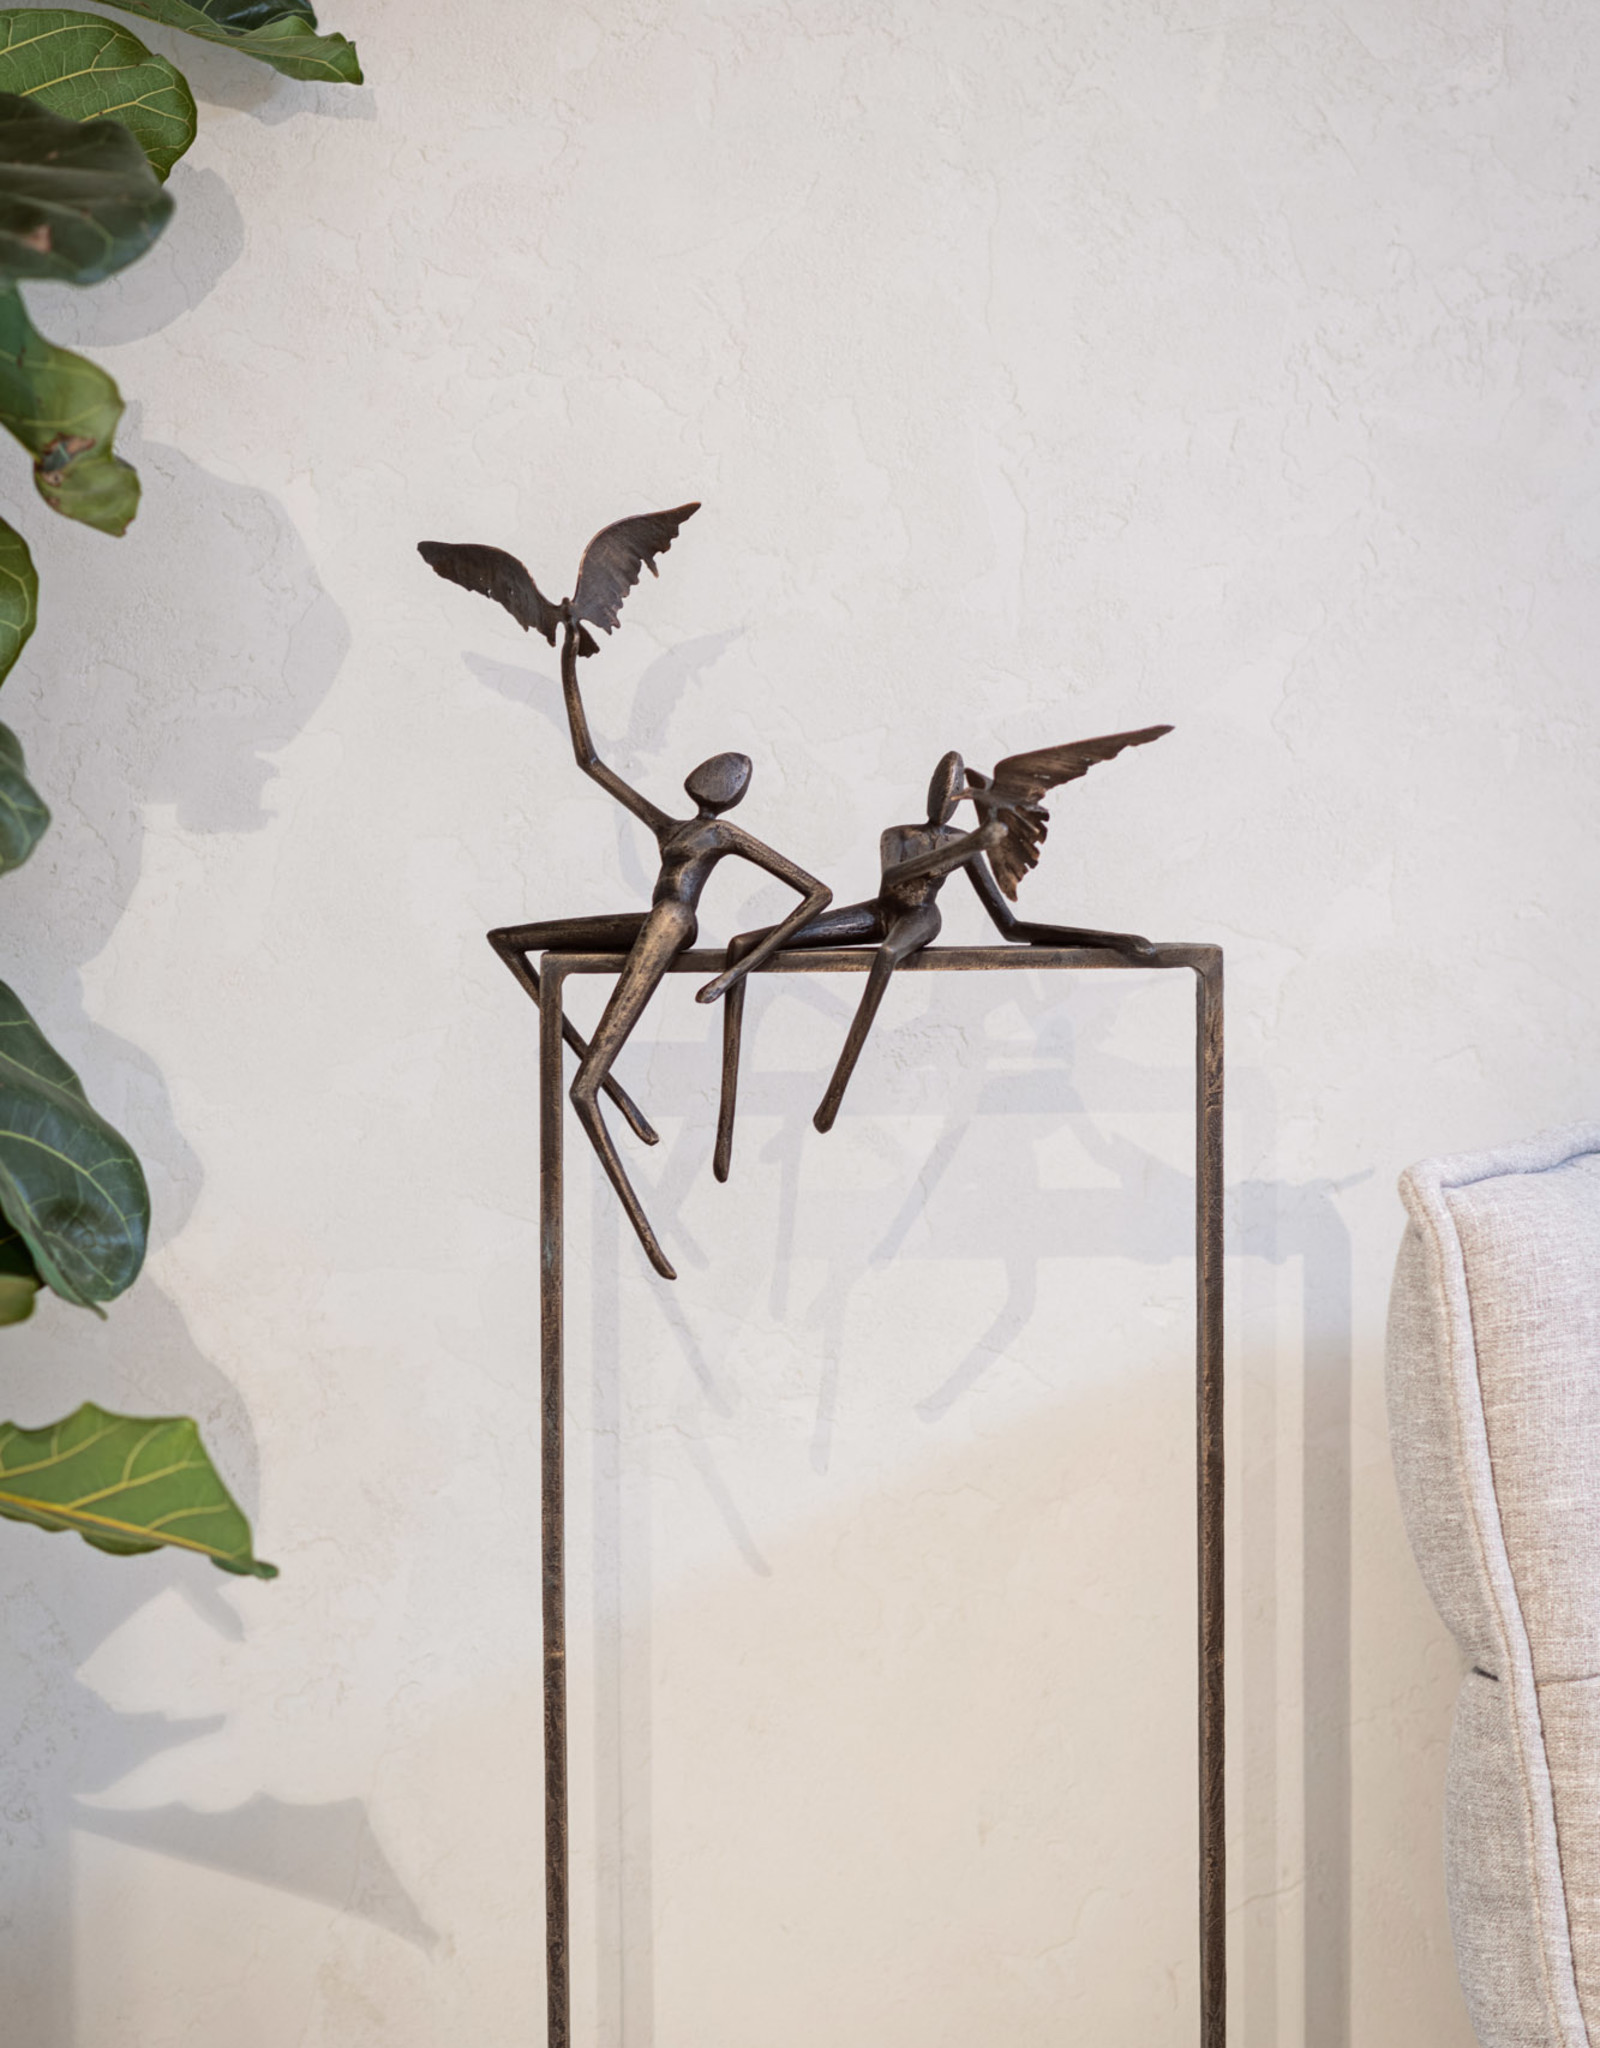 GUY BUSEYNE LOVE BIRDS - BRONZEN BEELD